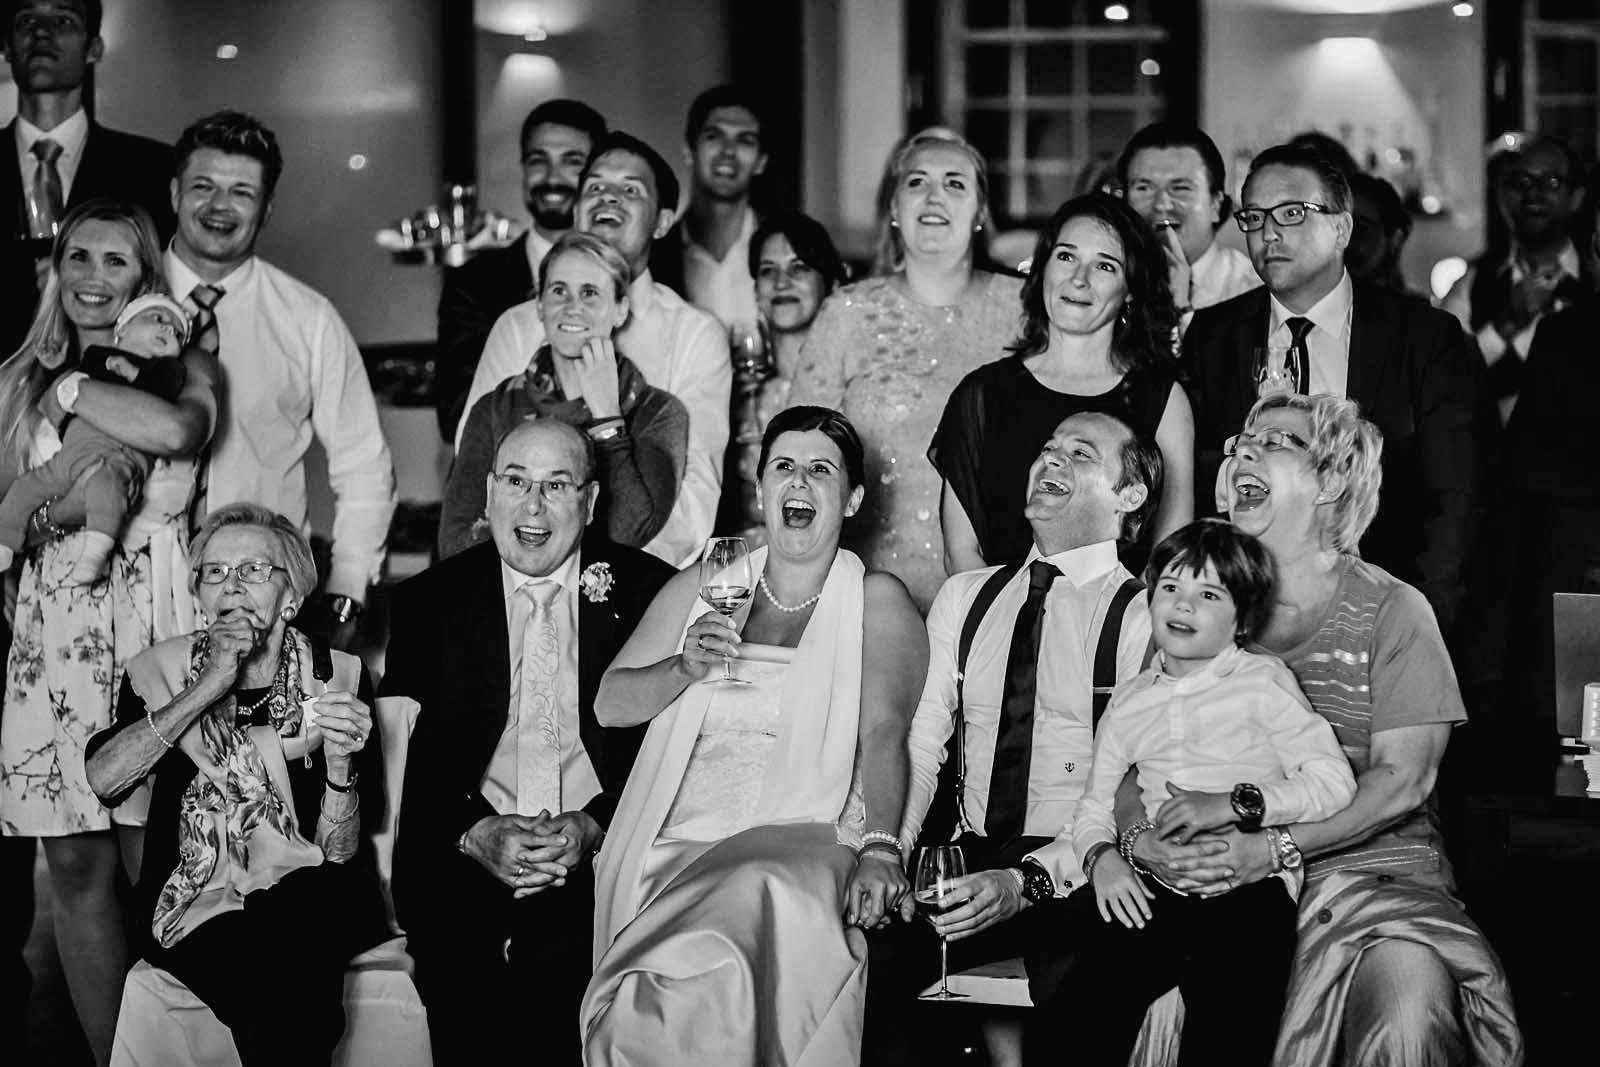 Hochzeitsreportage vom professionellem Hochzeitsfotograf Copyright by Hochzeitsfotograf www.berliner-hochzeitsfotografie.de